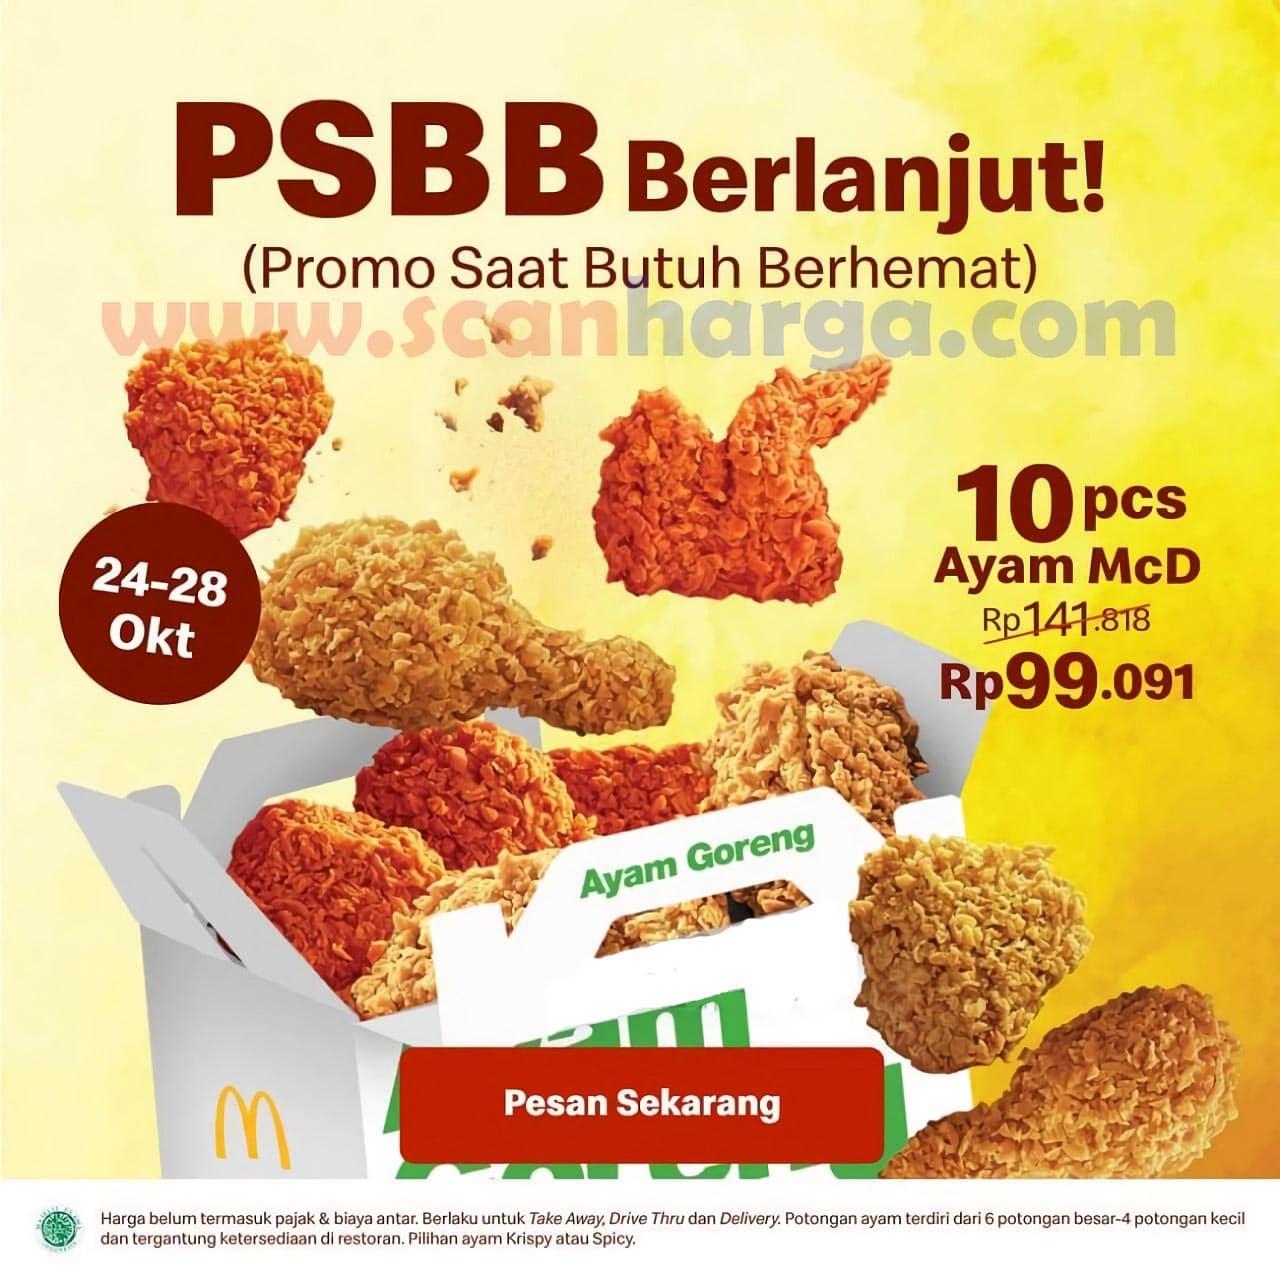 McDonalds PSBB Promo Saat Butuh Berhemat - 10 Pcs Ayam McD Rp 99.091*Periode 24-28 Oktober 2020